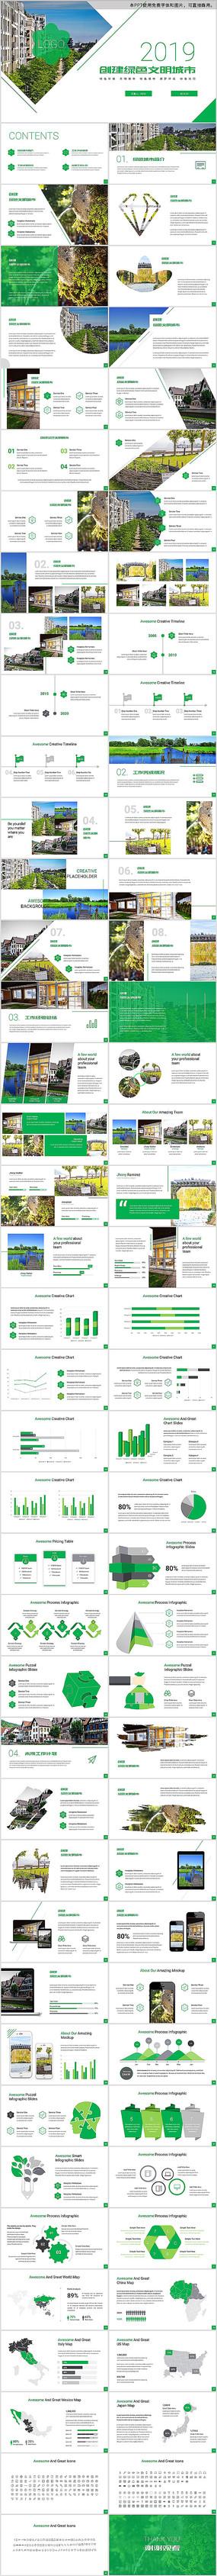 清新创建绿色文明城市PPT